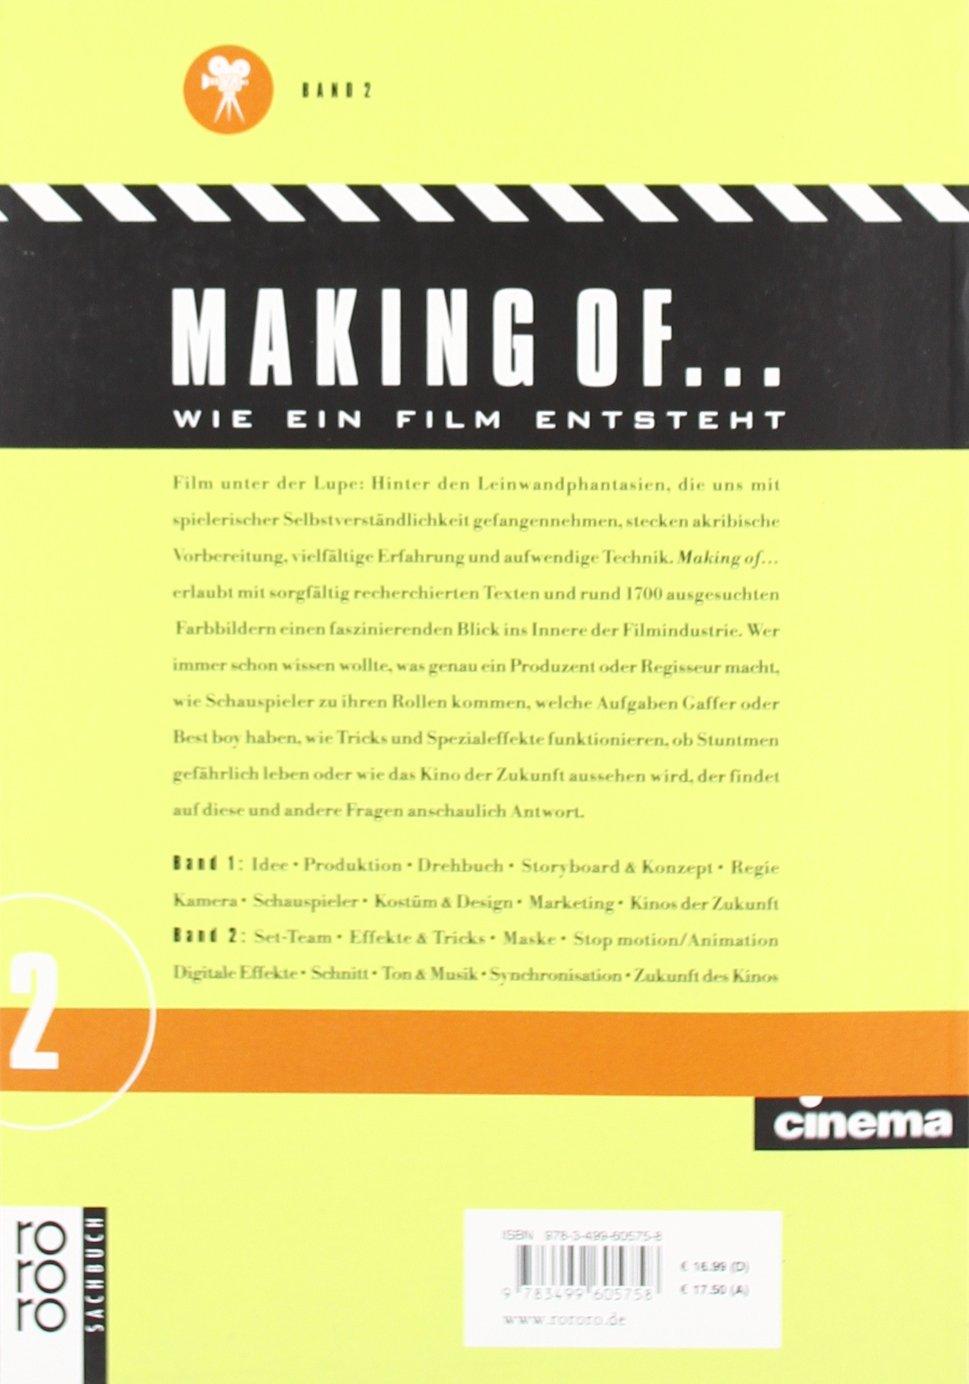 Making of. Wie ein Film entsteht: Set-Team, Effekte & Tricks, Maske ...